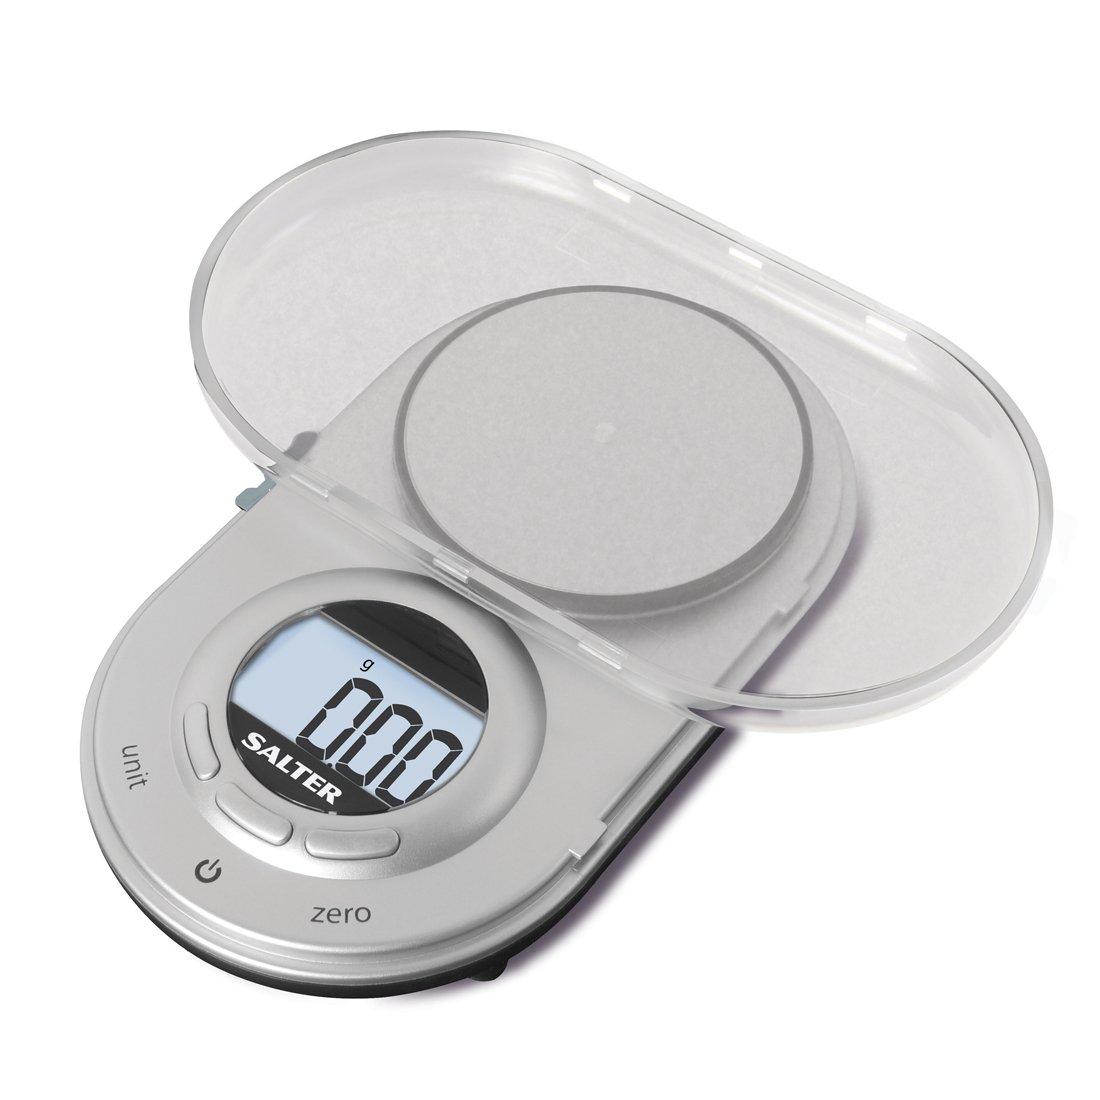 Salter 1260 SVDR Precision Dietary Scale, pesa hasta 500 g, incrementos de 0,05 gramos, la tapa se convierte en el recipiente de pesaje, gris 1260 SVDR_-